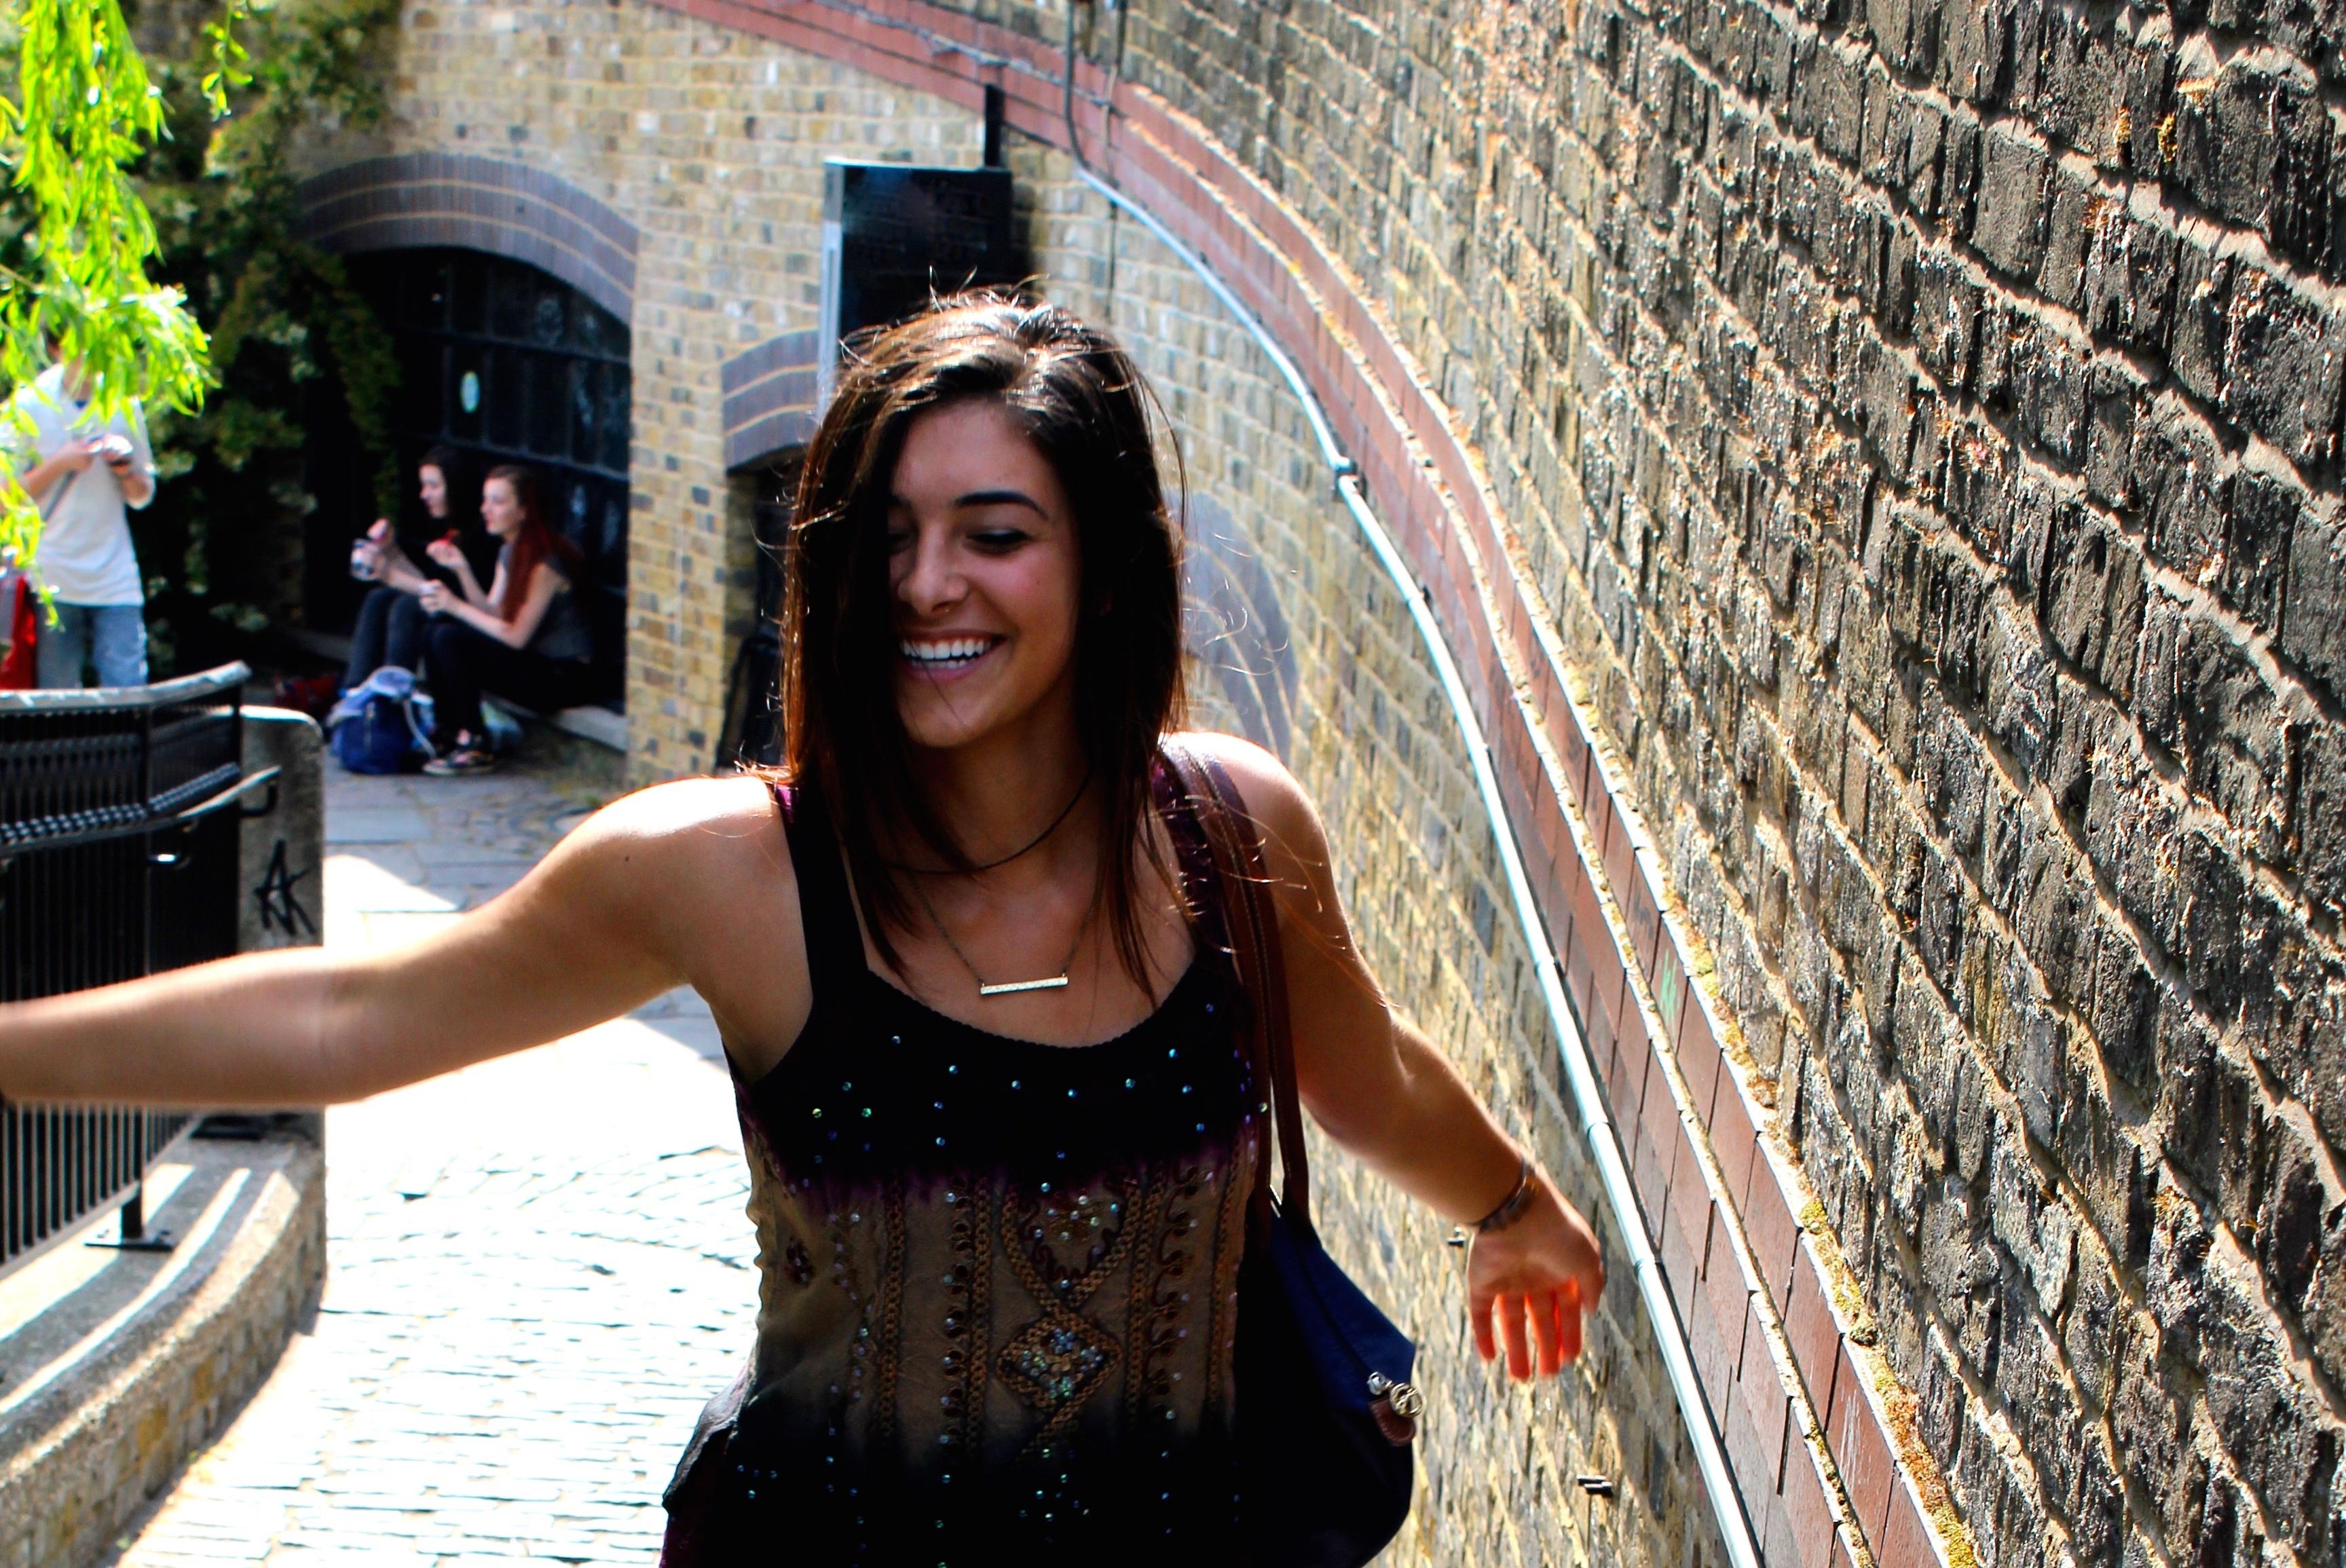 CAPAStudyAbroad_London_Summer2015_From_Francesca_Smeriglio